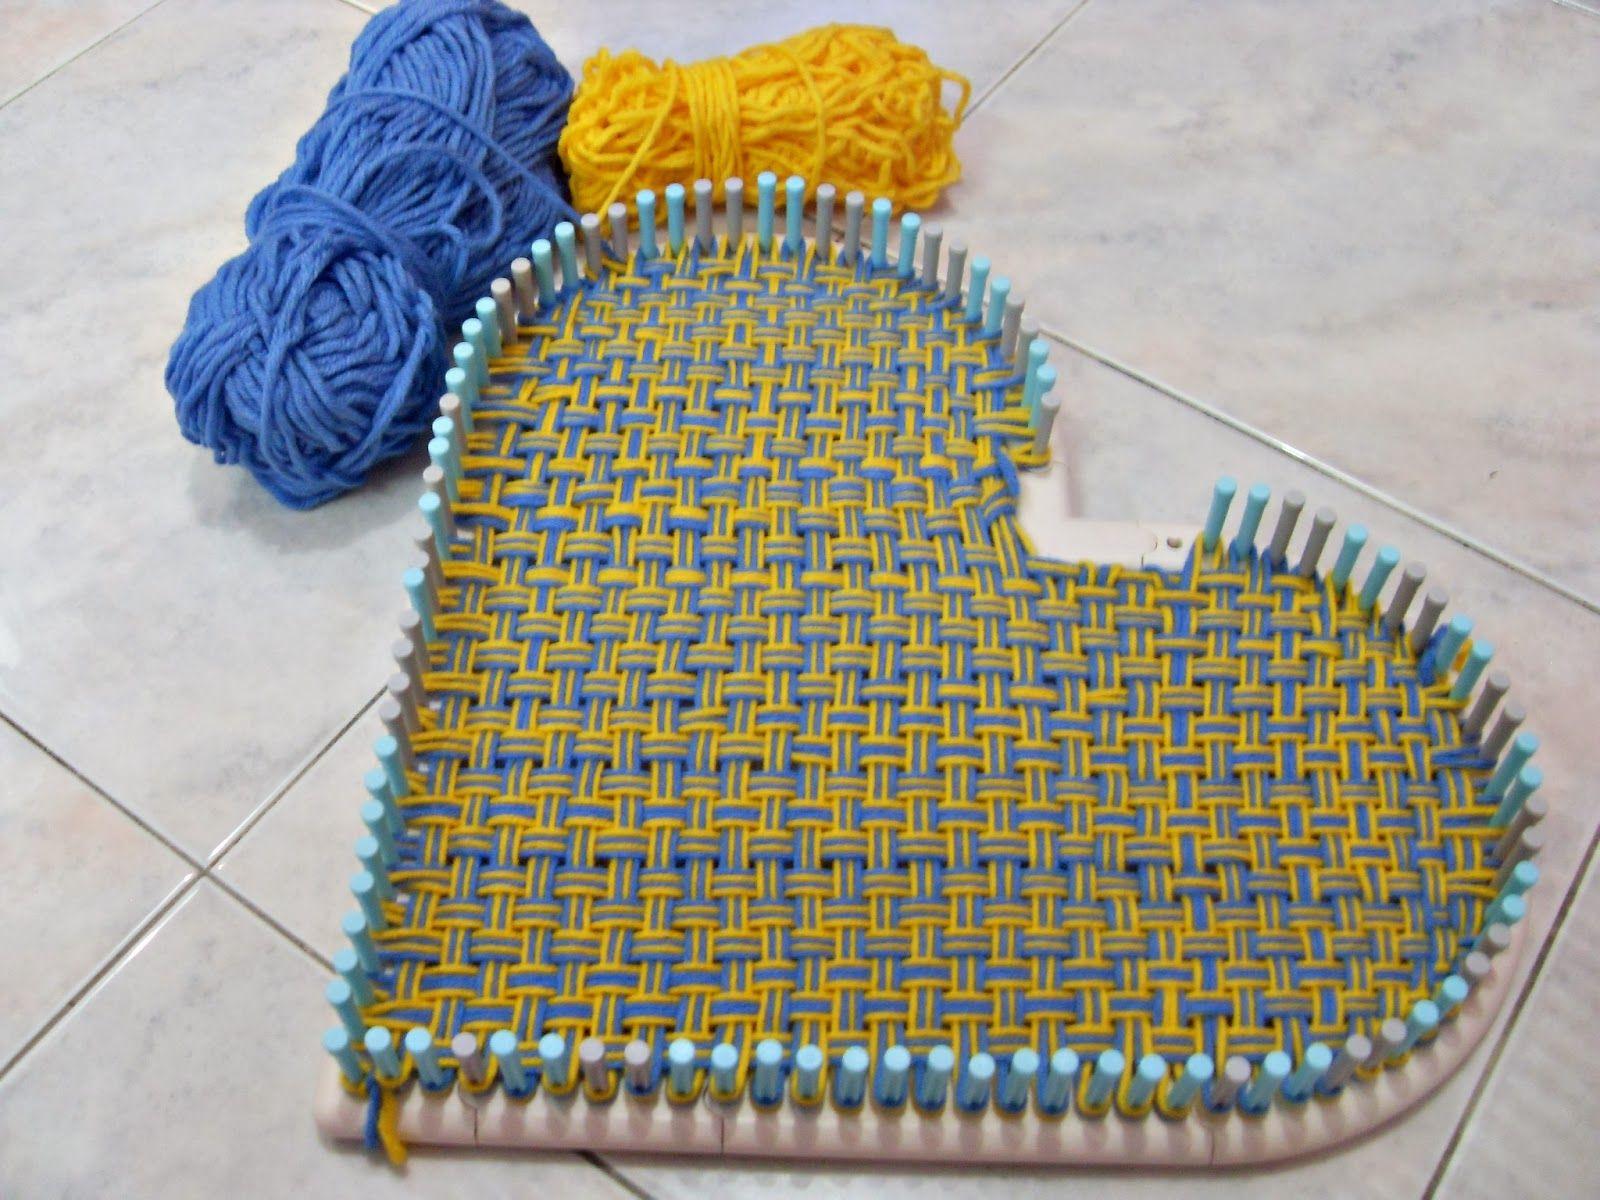 Crochet.is.Fun: Weaving a heart using Martha Stewart Loom | Weave-it ...